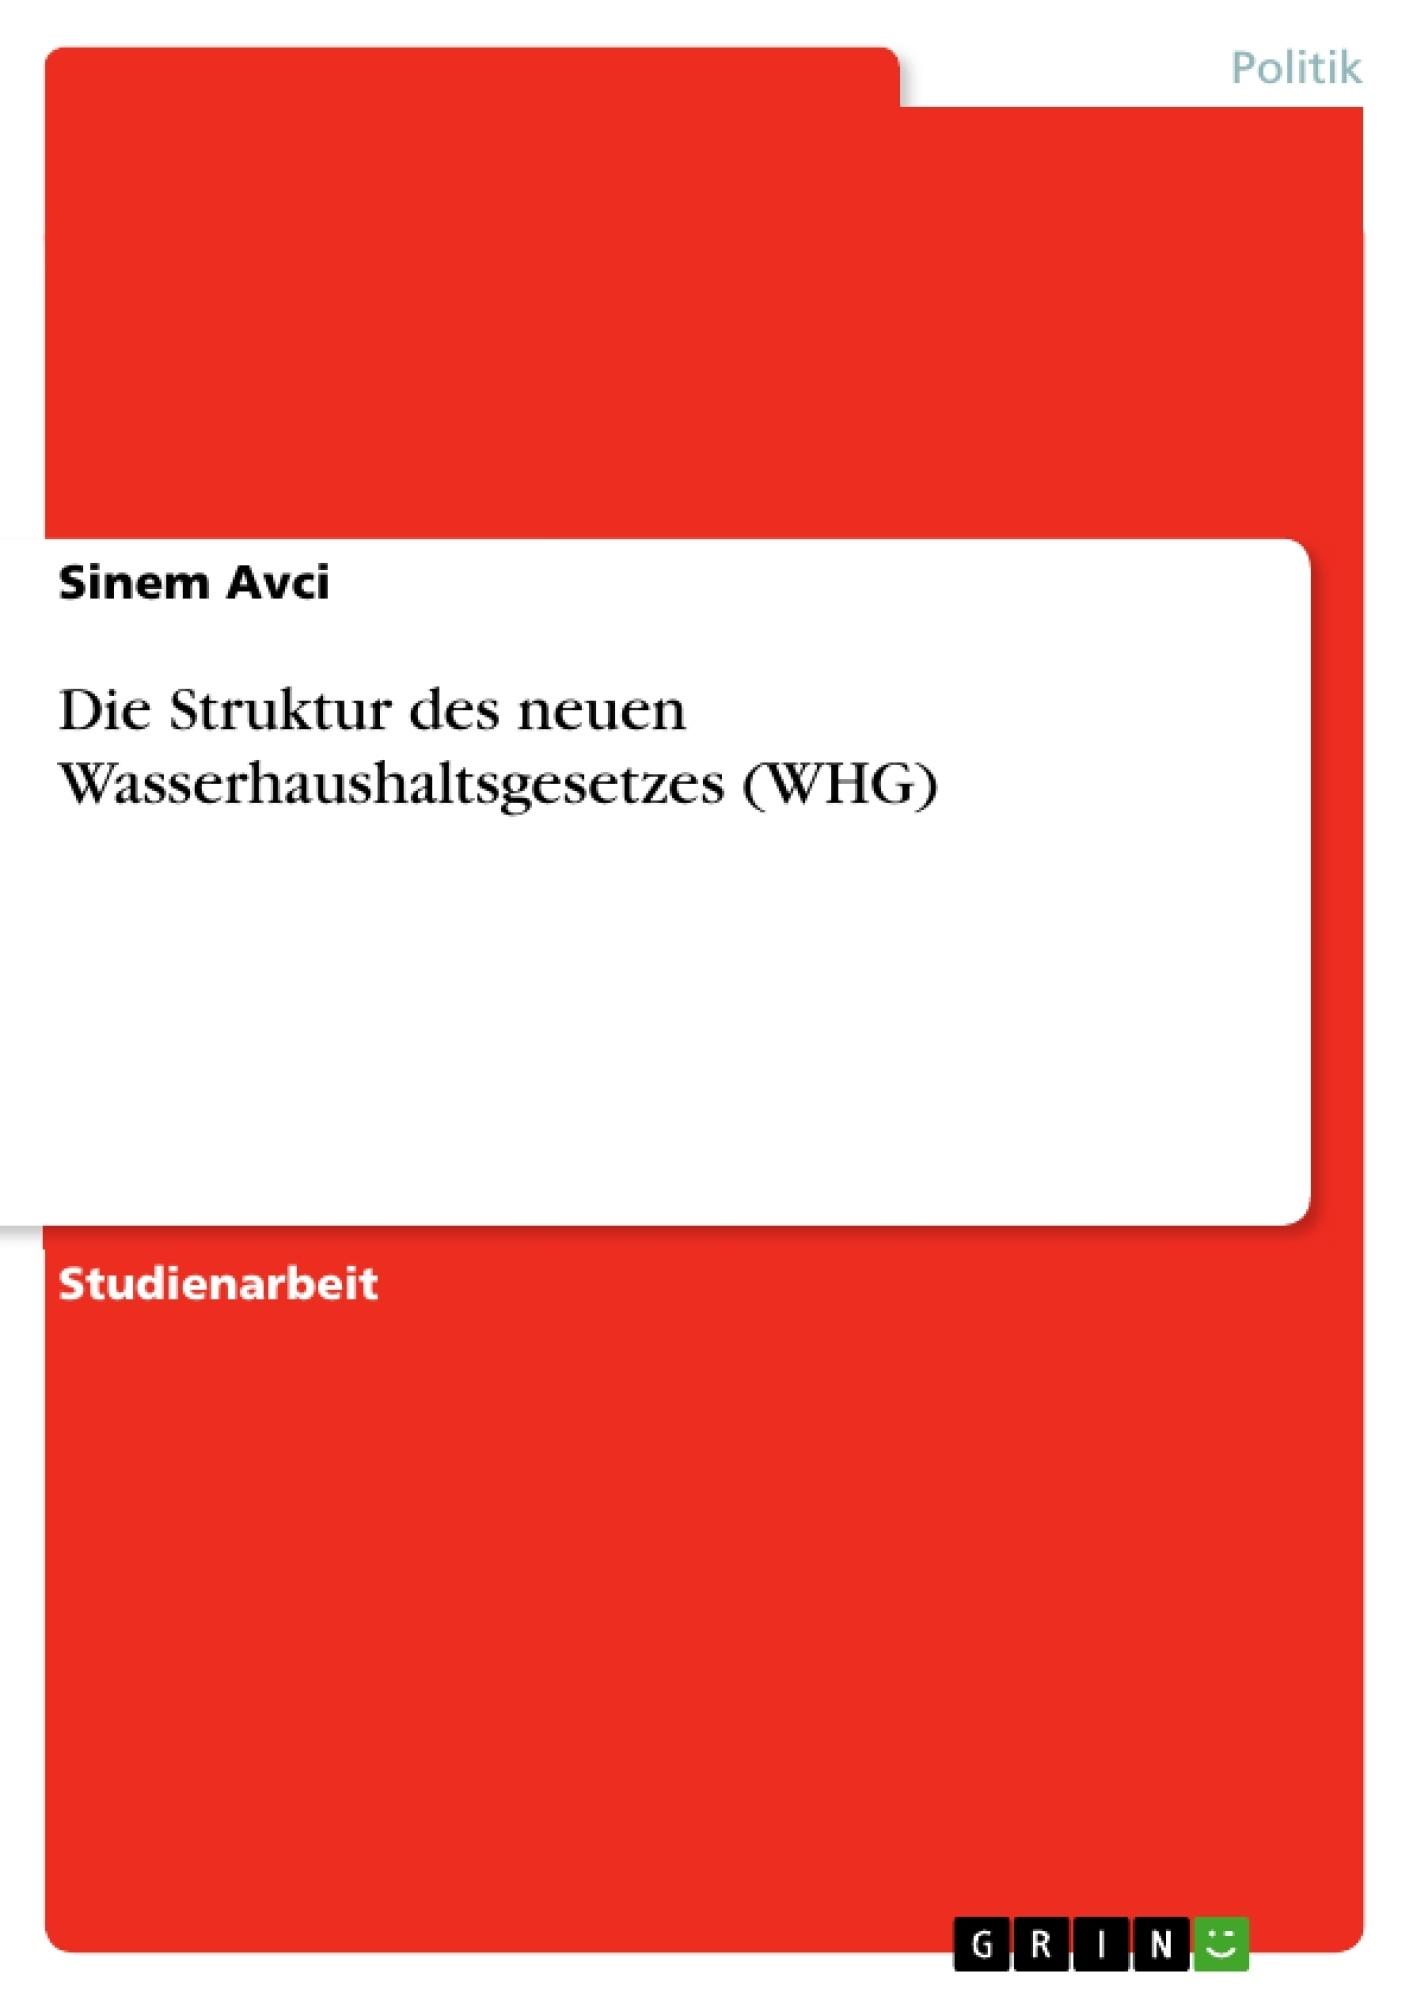 Titel: Die Struktur des neuen Wasserhaushaltsgesetzes (WHG)